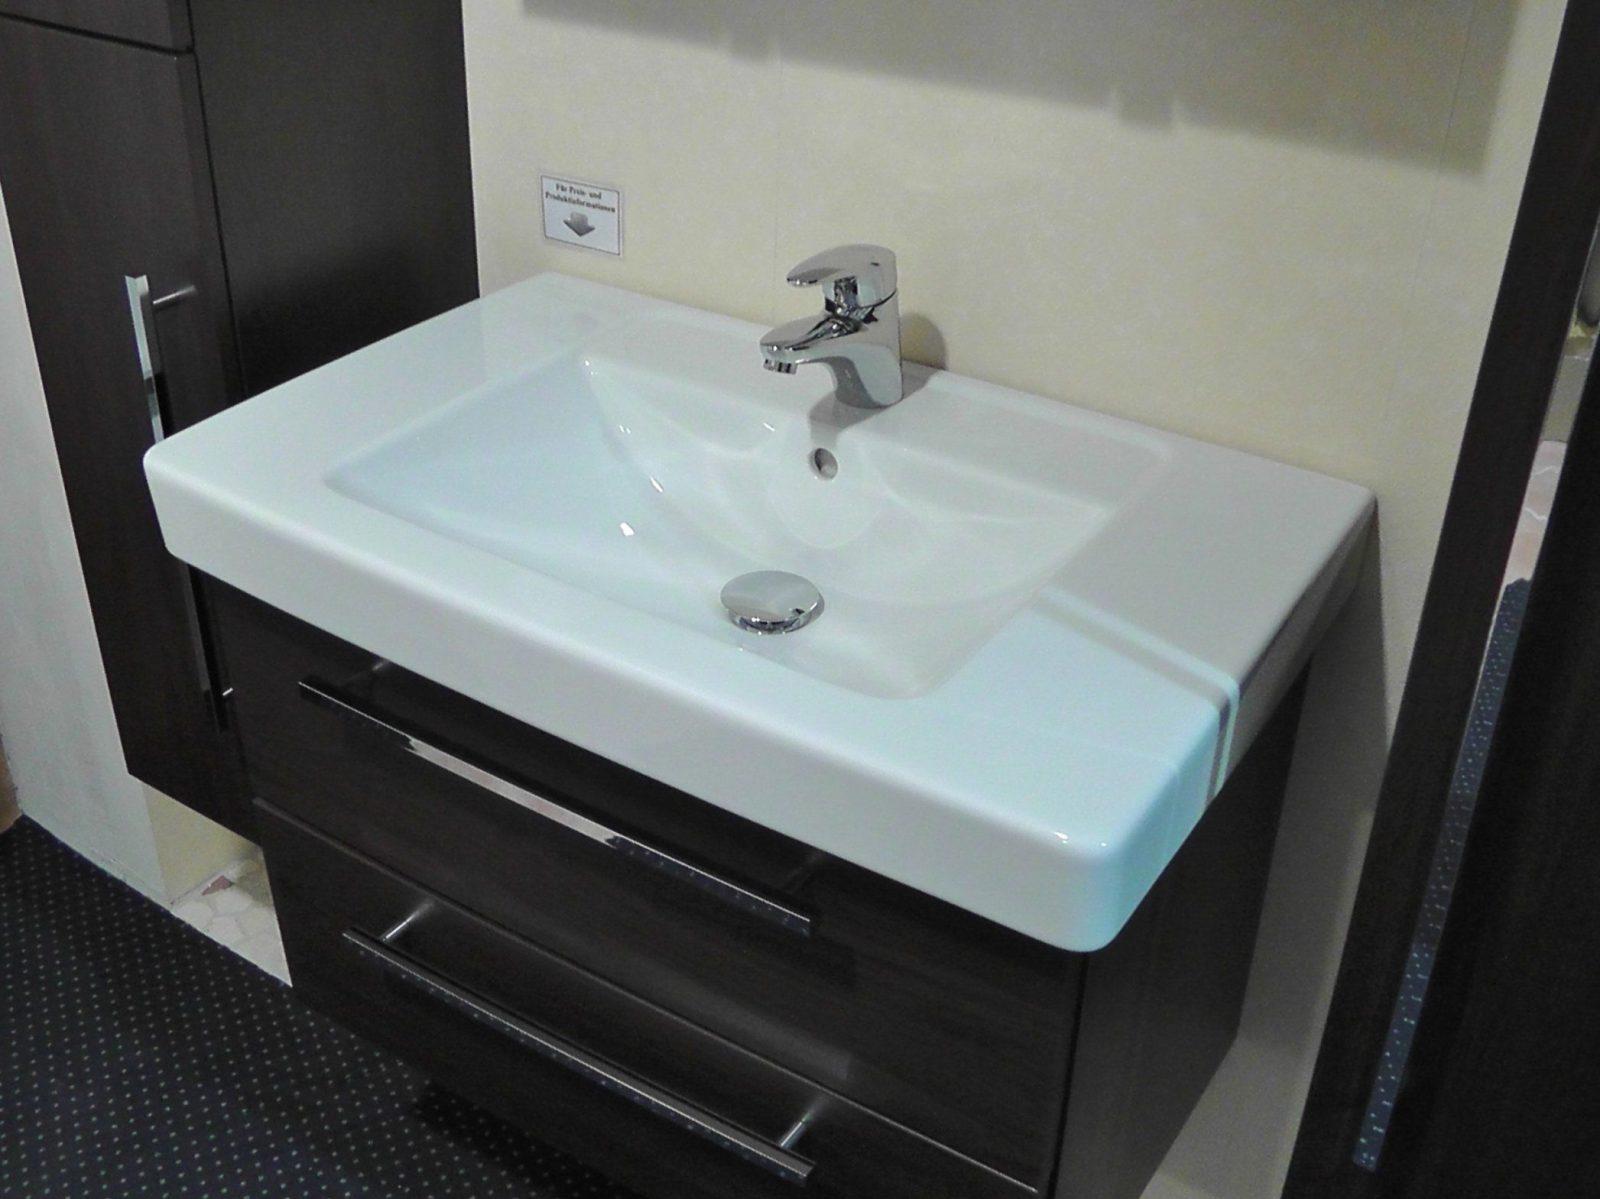 Beeindruckend Venticello Handwaschbecken Waschtische Von Villeroy von Villeroy Und Boch Waschtisch Mit Unterschrank Bild